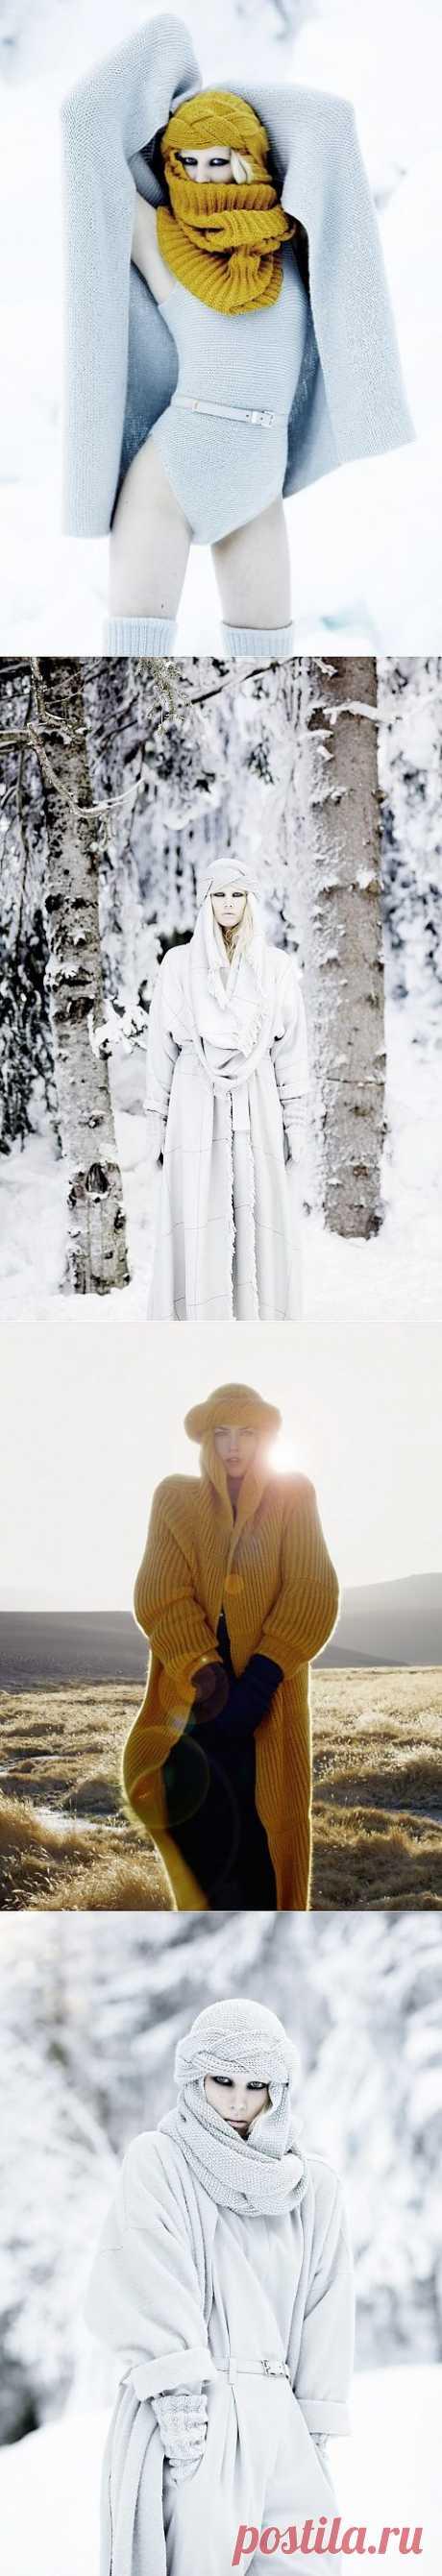 Шапко-шарфы от Lilly Marthe Ebener / Вязание / Модный сайт о стильной переделке одежды и интерьера